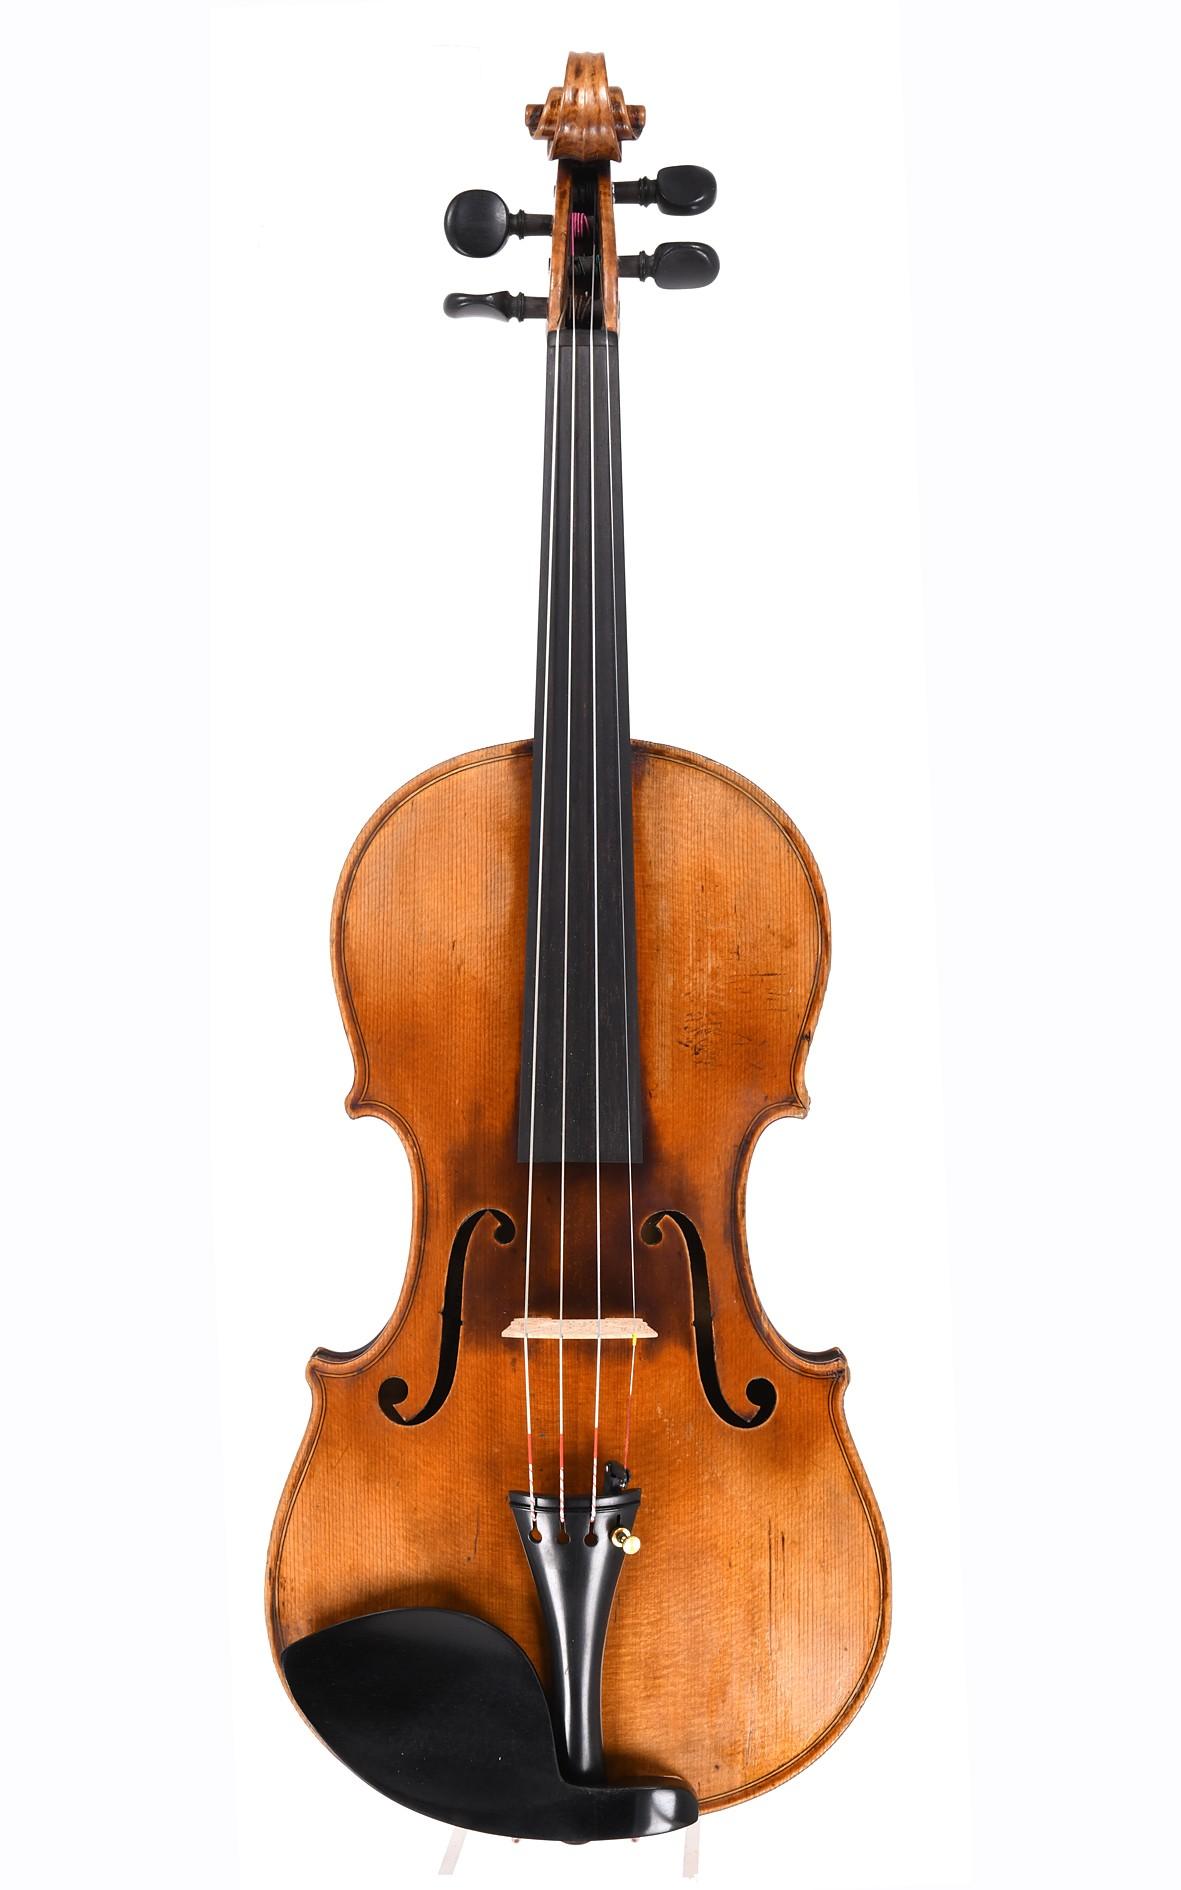 Robert Reinert: Swiss master violin